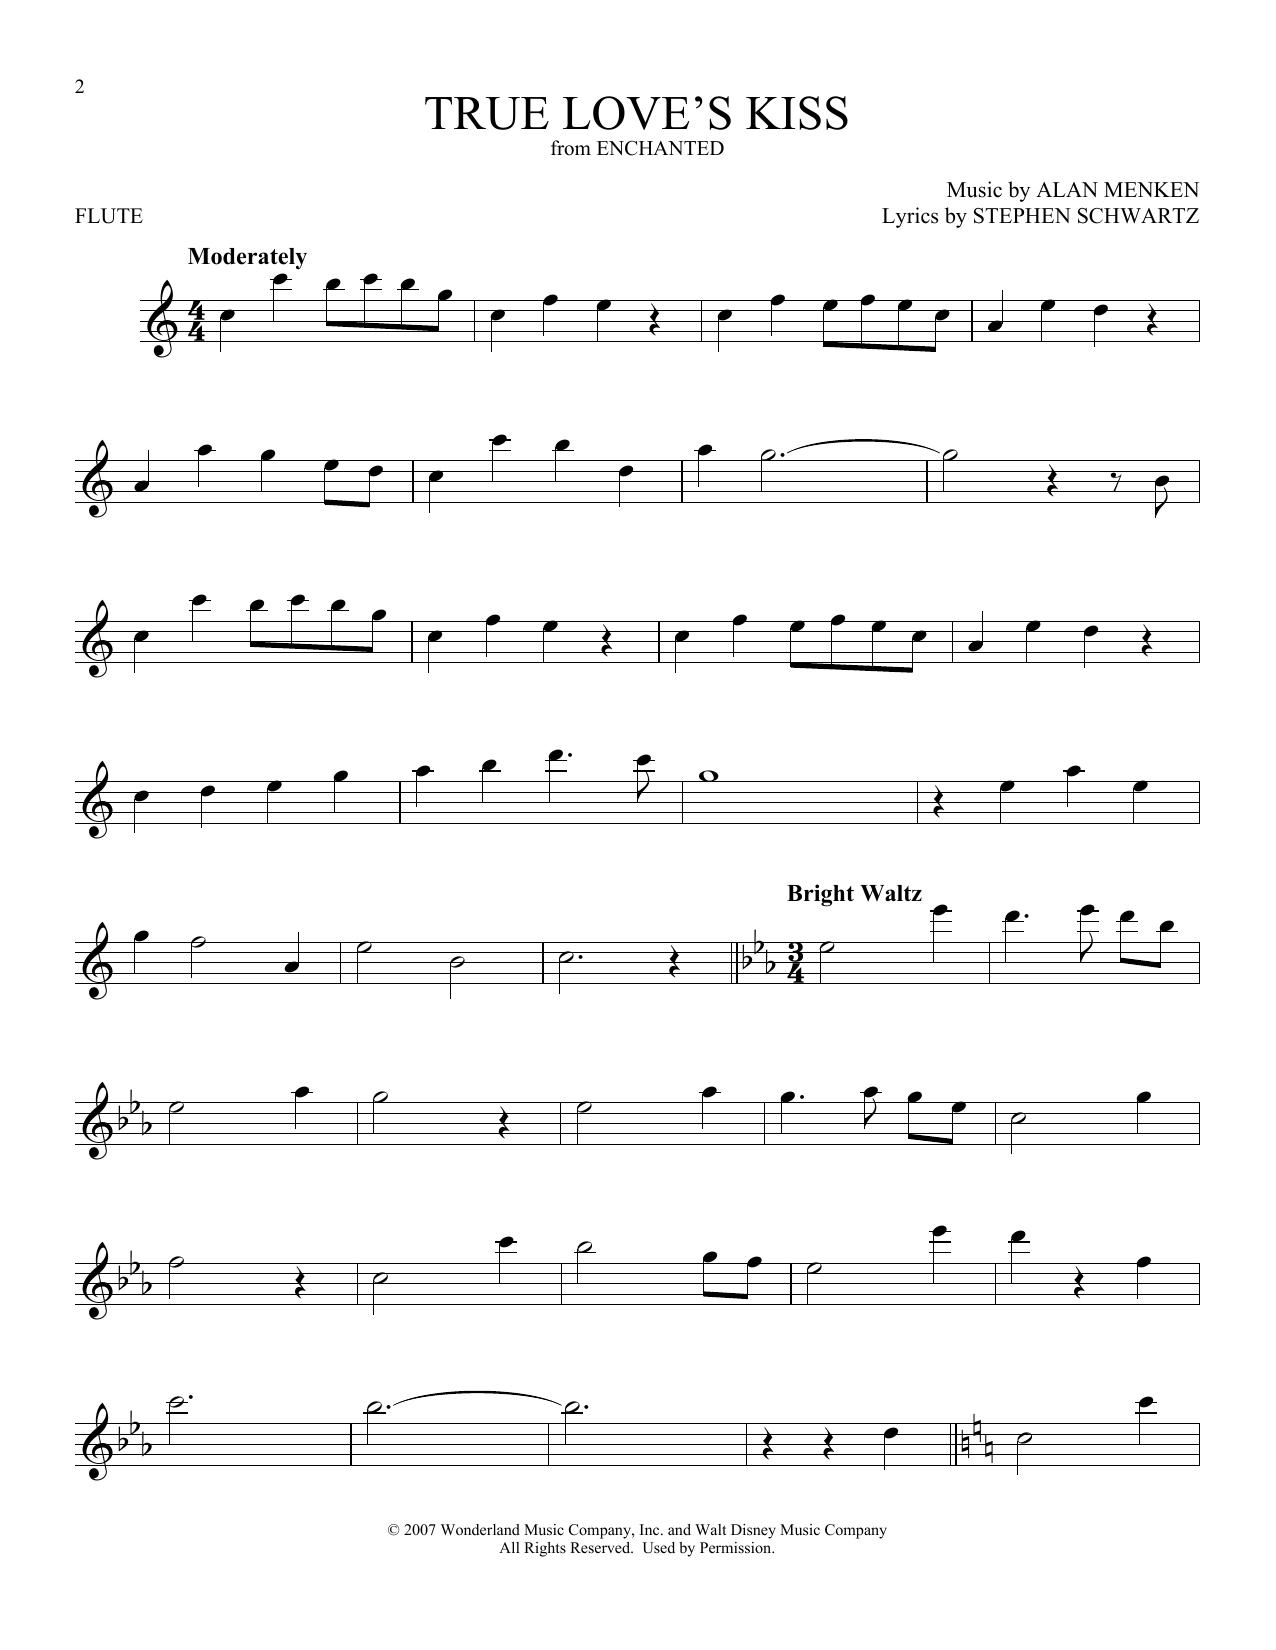 True Love's Kiss (Flute Solo)